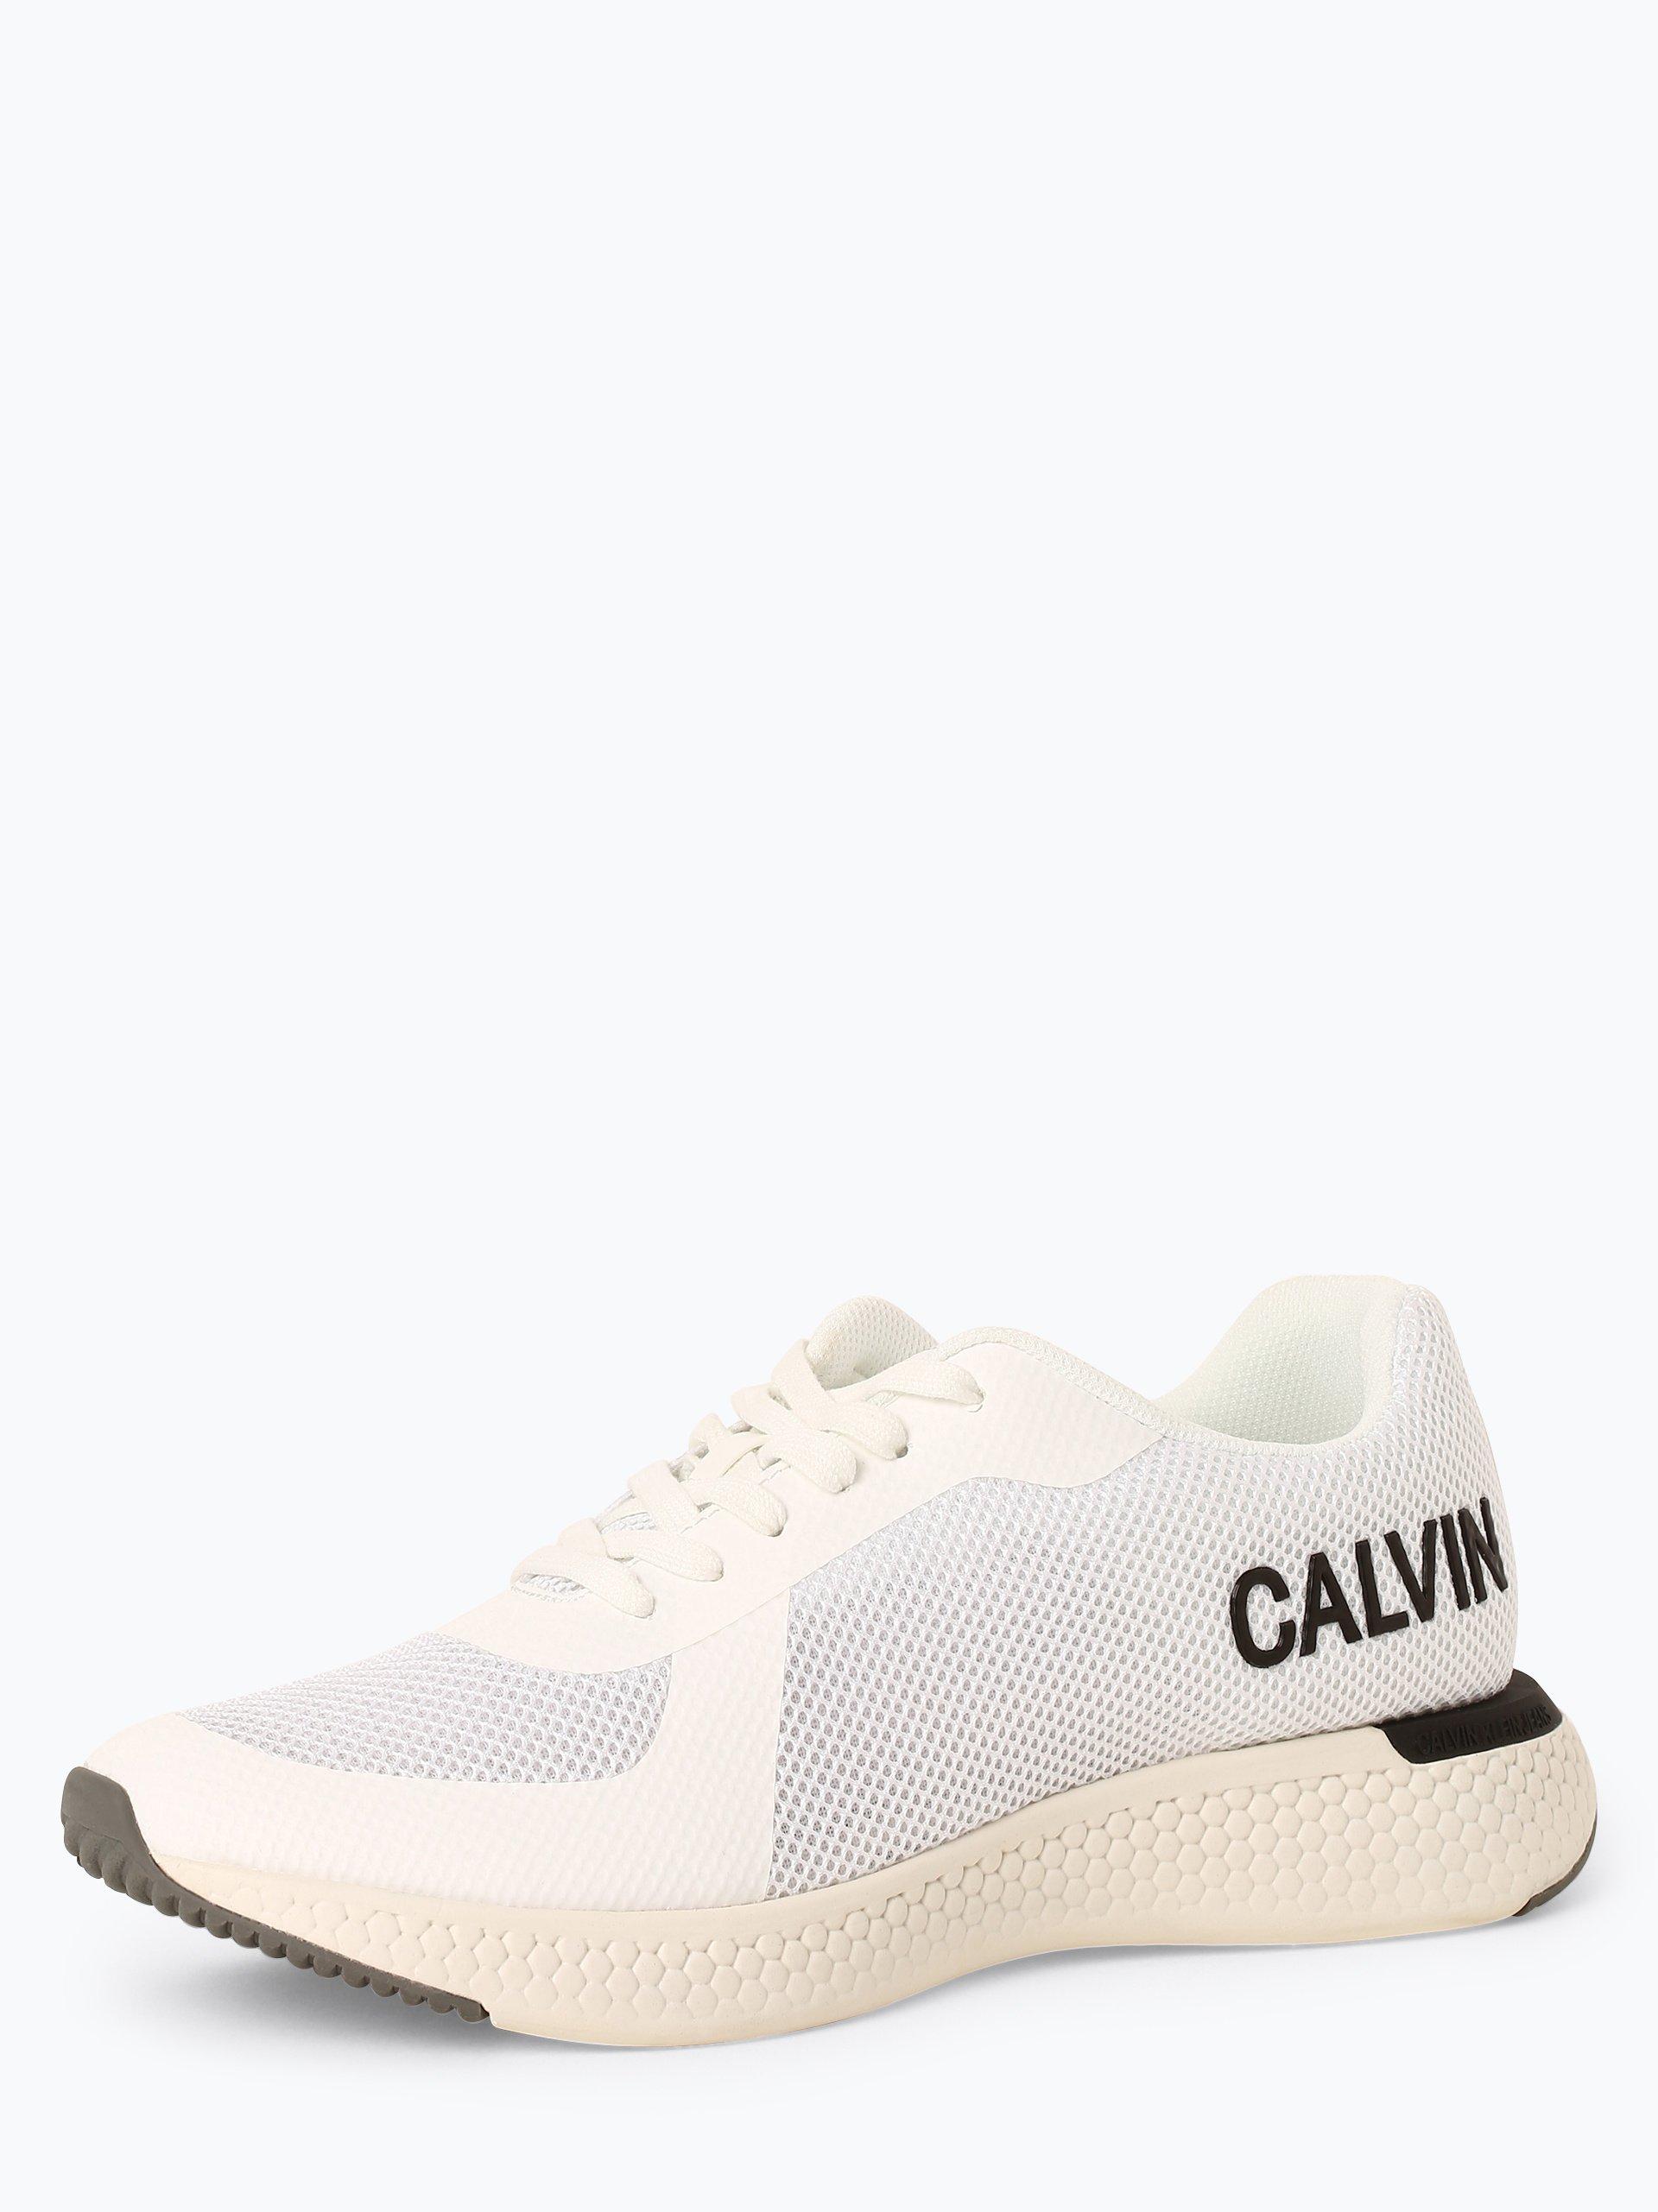 calvin klein jeans herren sneaker online kaufen vangraaf com. Black Bedroom Furniture Sets. Home Design Ideas